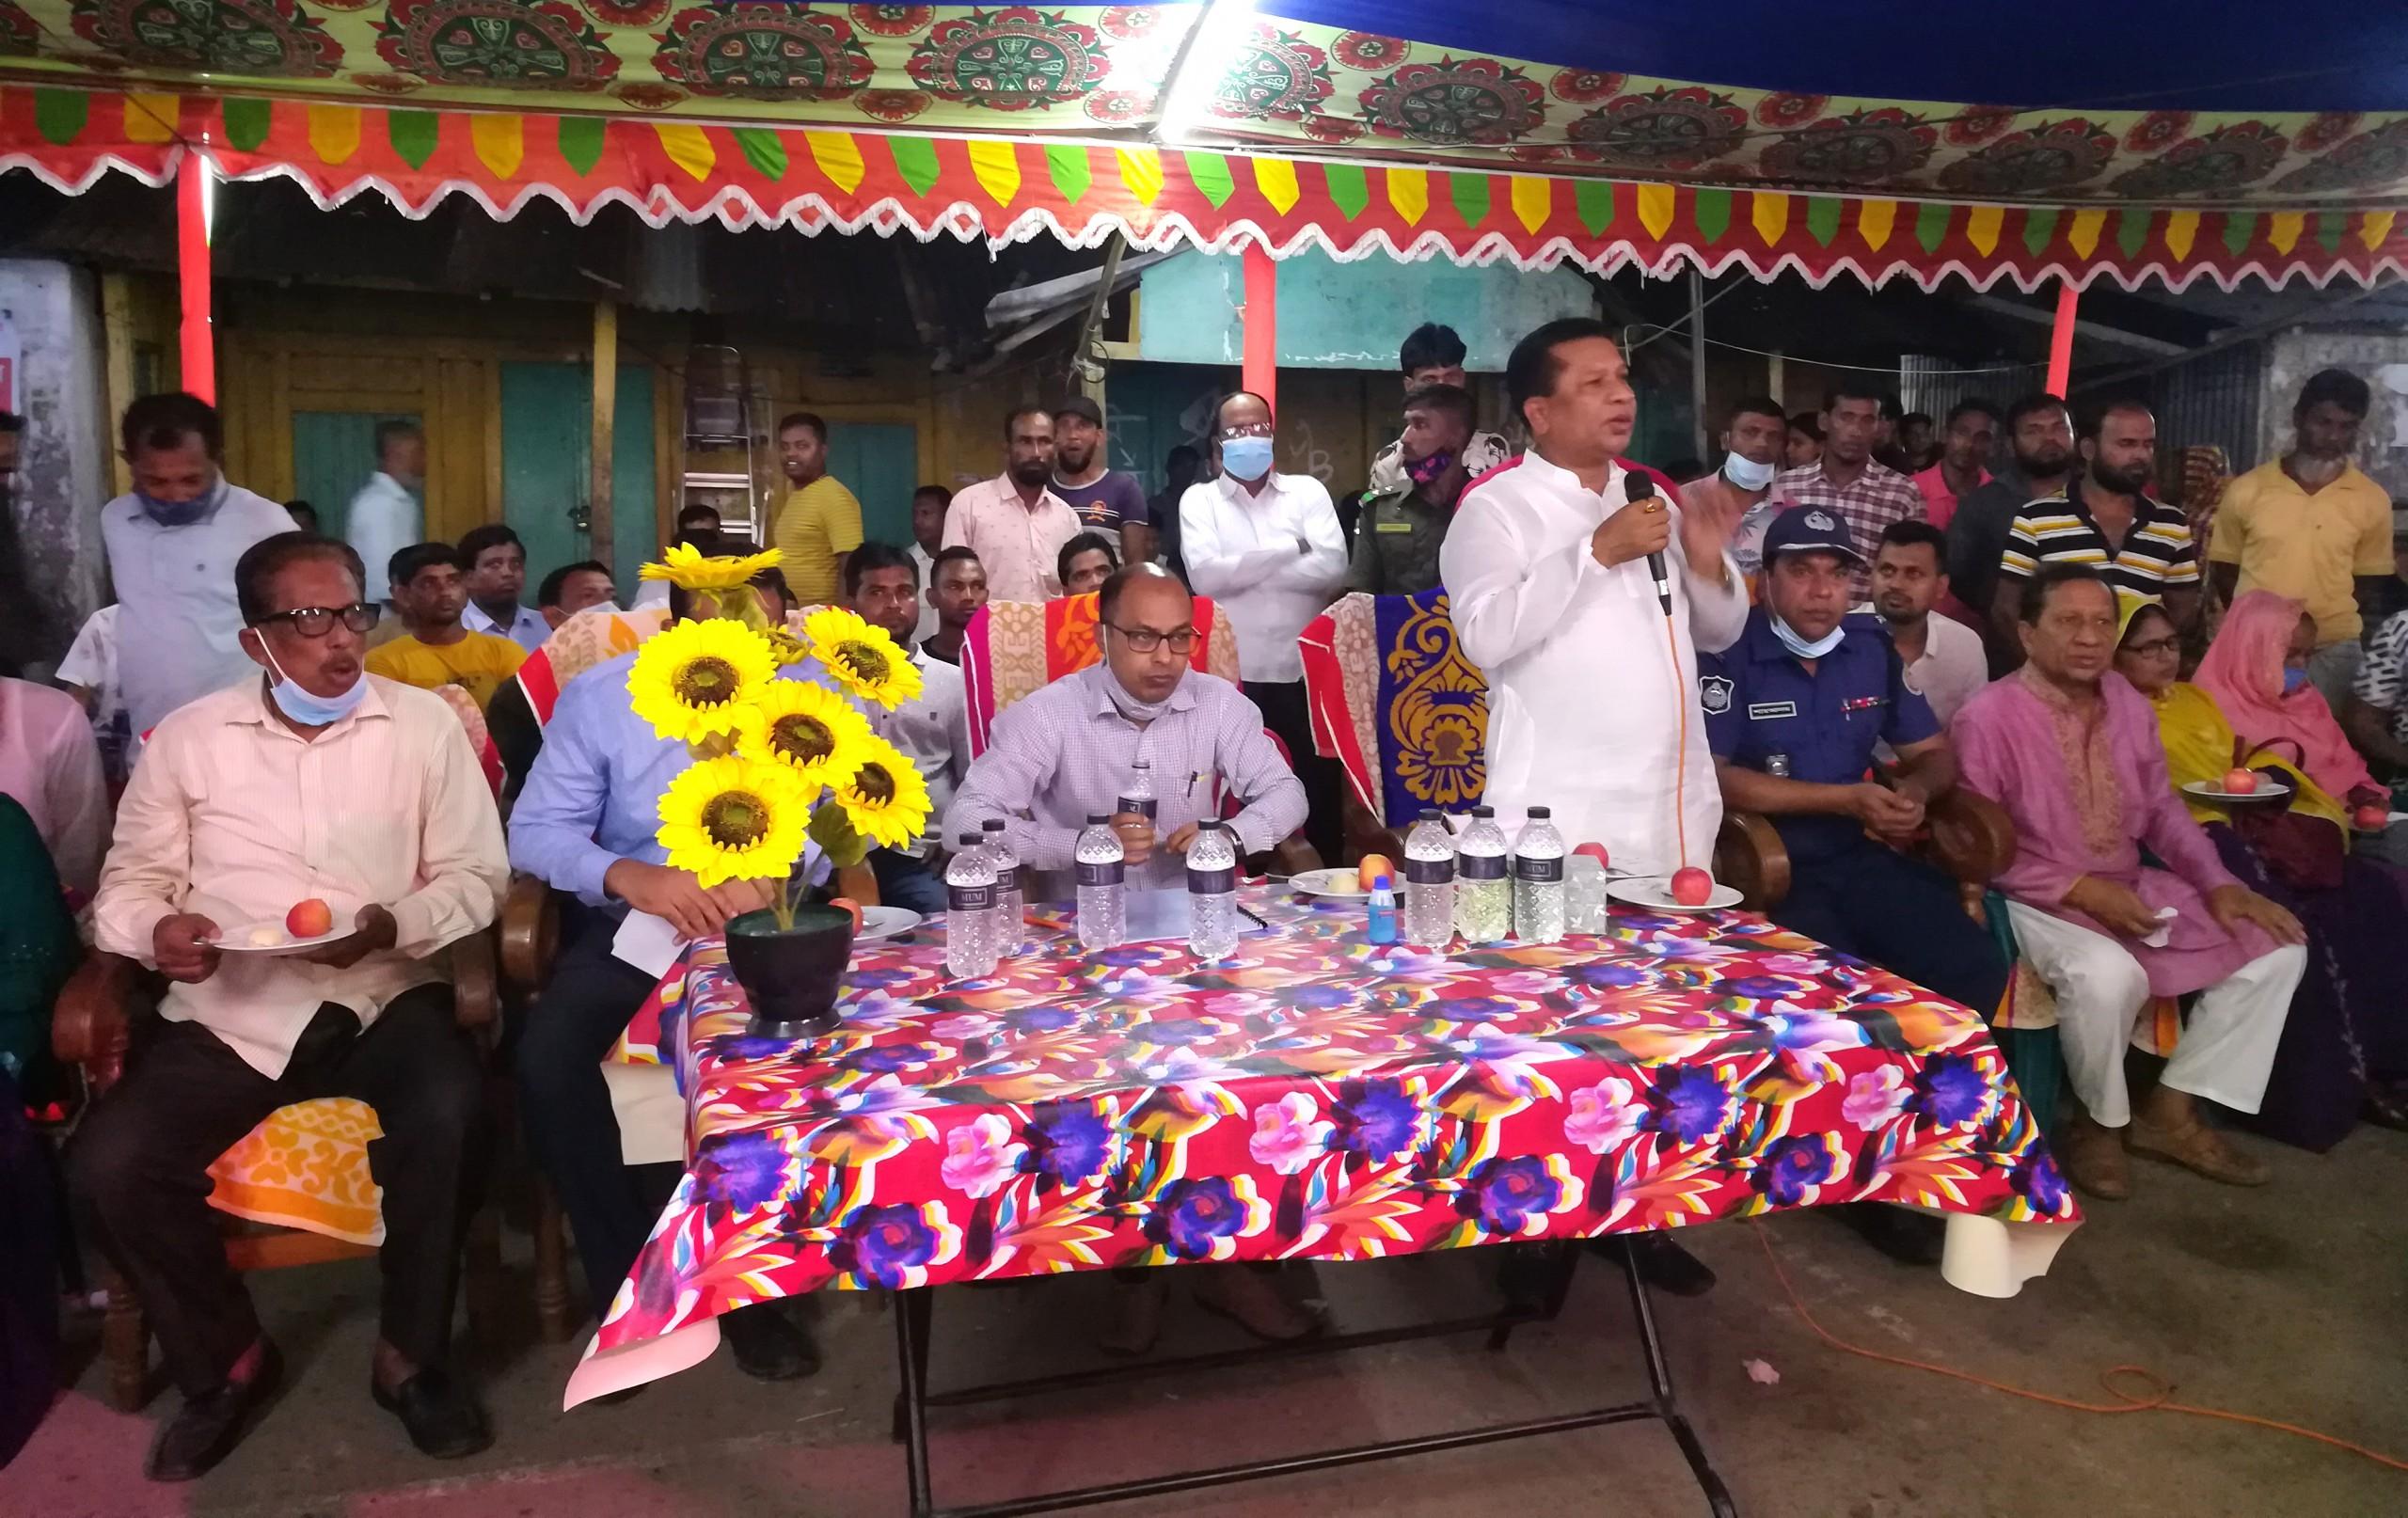 আমতলীতে জেলা প্রশাসকের পুজামন্ডপ পরিদর্শন